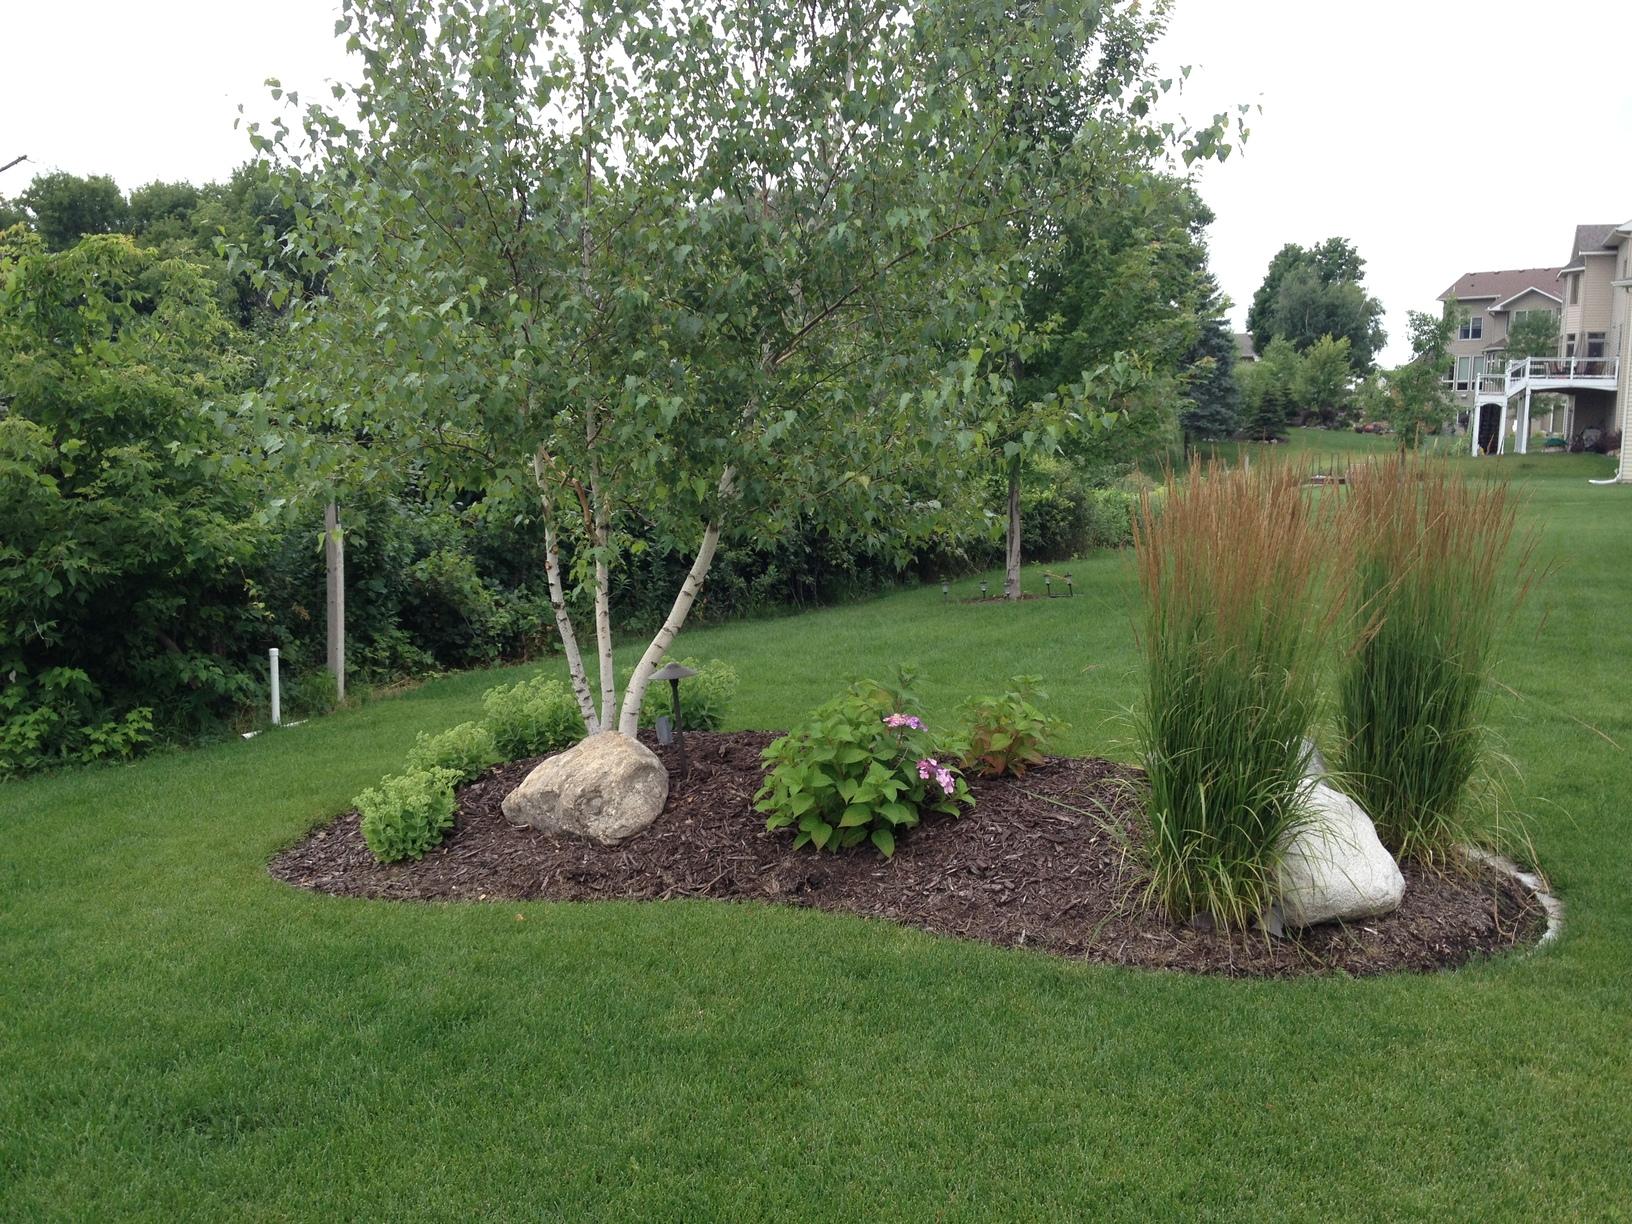 Landscape Gardener Salary Canada U2013 Izvipi.com